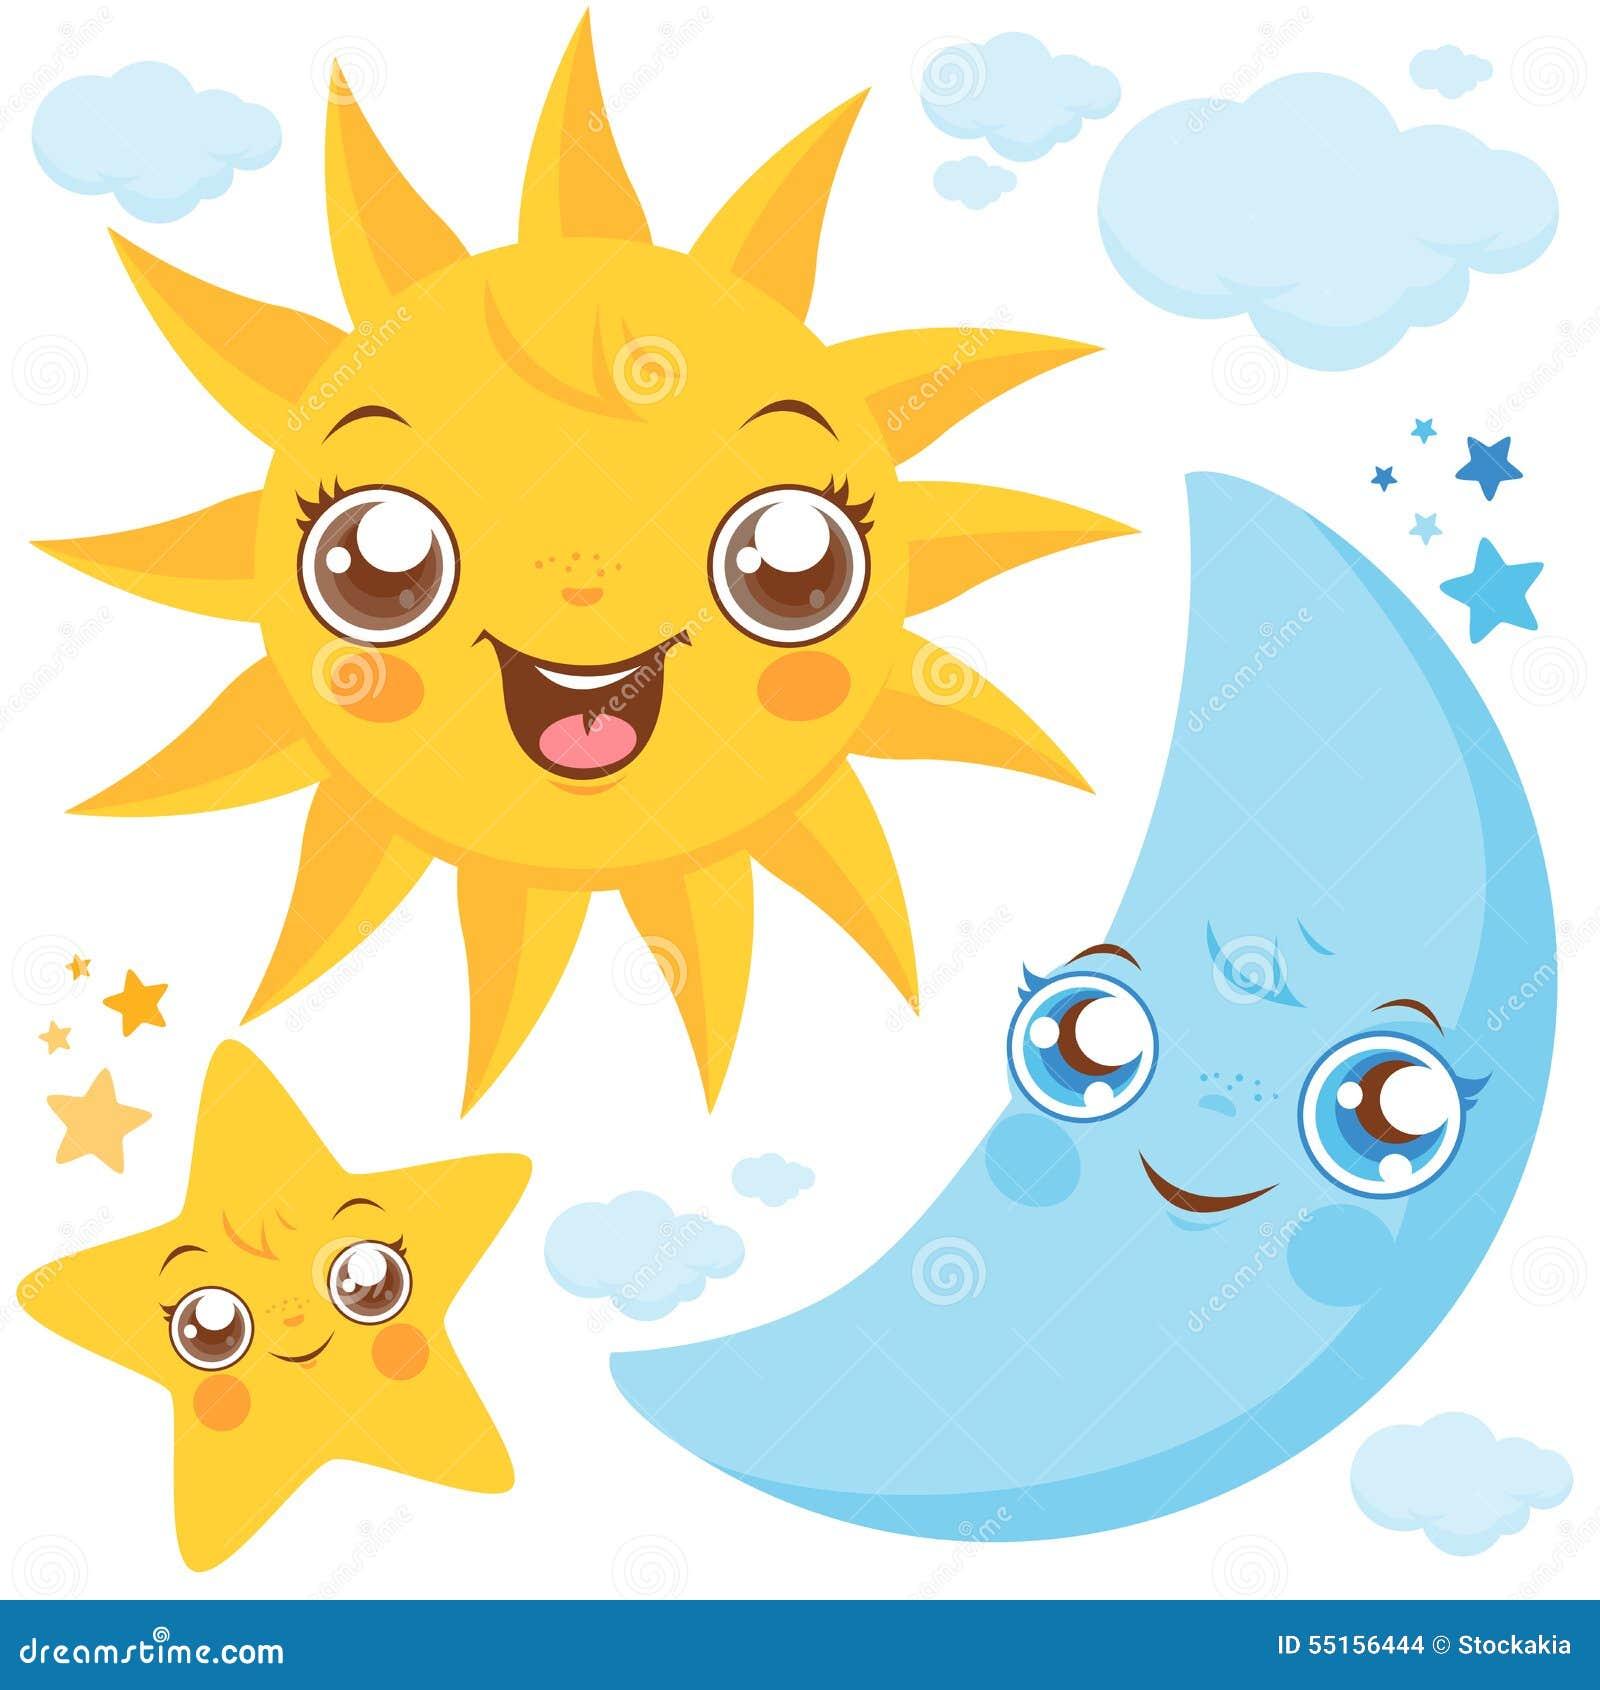 sun moon and stars stock vector illustration of stars 55156444